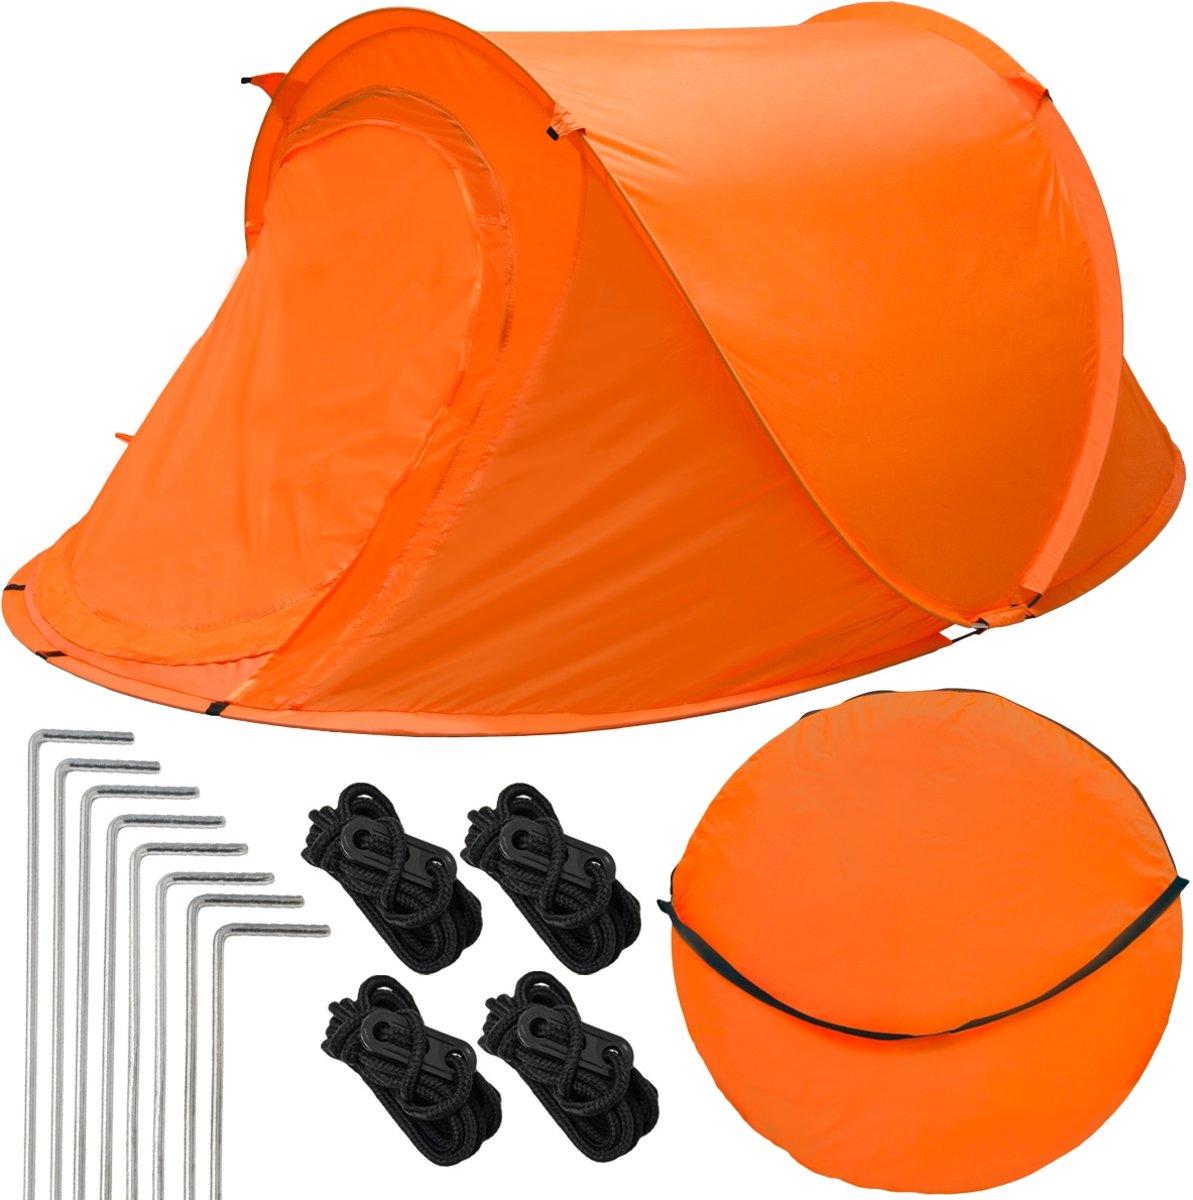 Popup tent Gooi tent ultralichte kampeertent 245x145x100cm Tweede tent Incl. tas Automatische tent